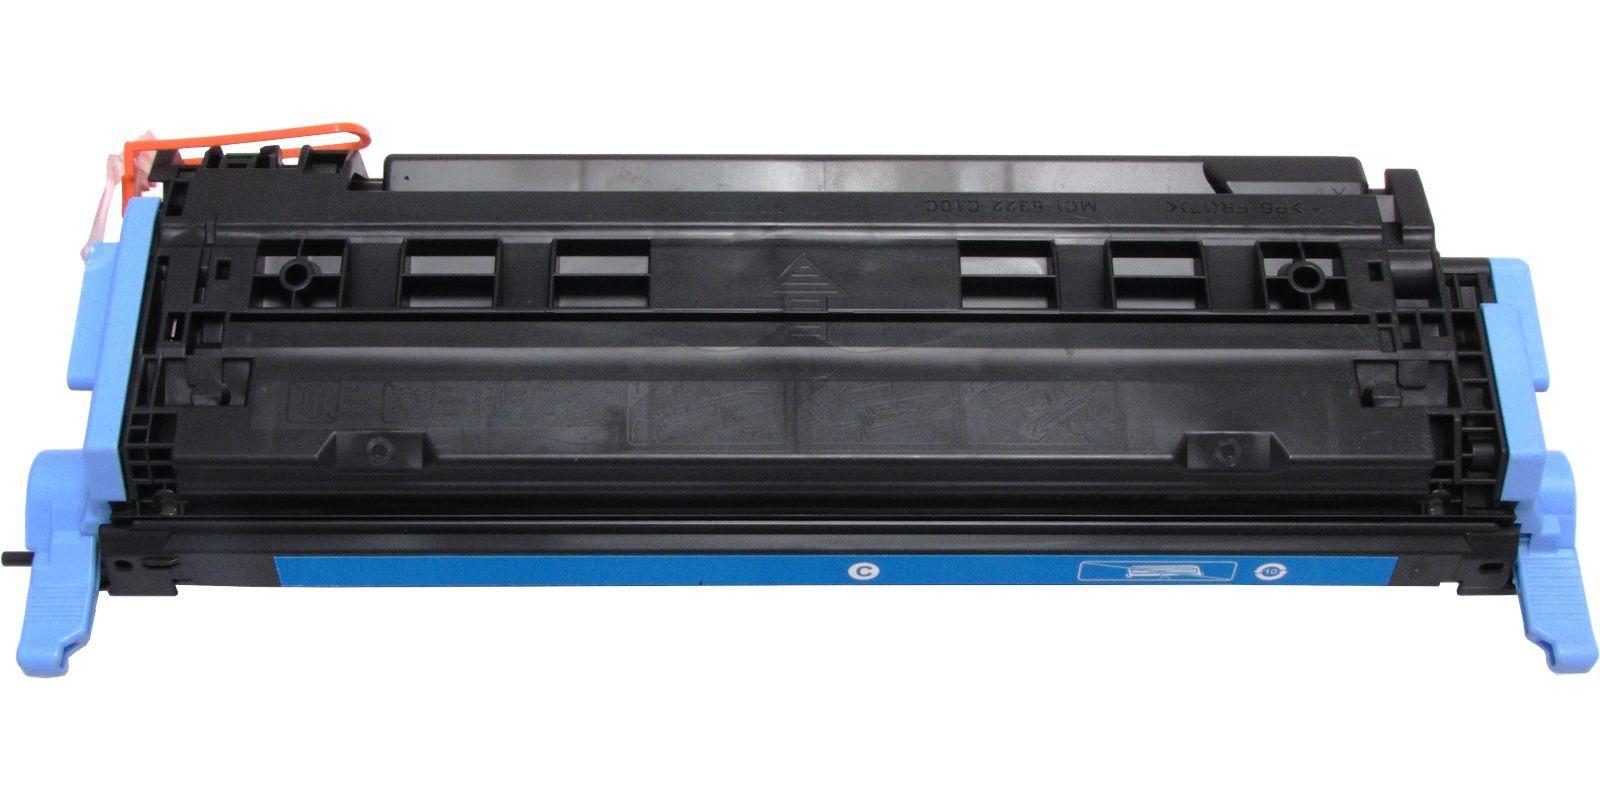 Картридж лазерный цветной MAK© 124A Q6001A CARTRIDGE-307/707/107 голубой (cyan).